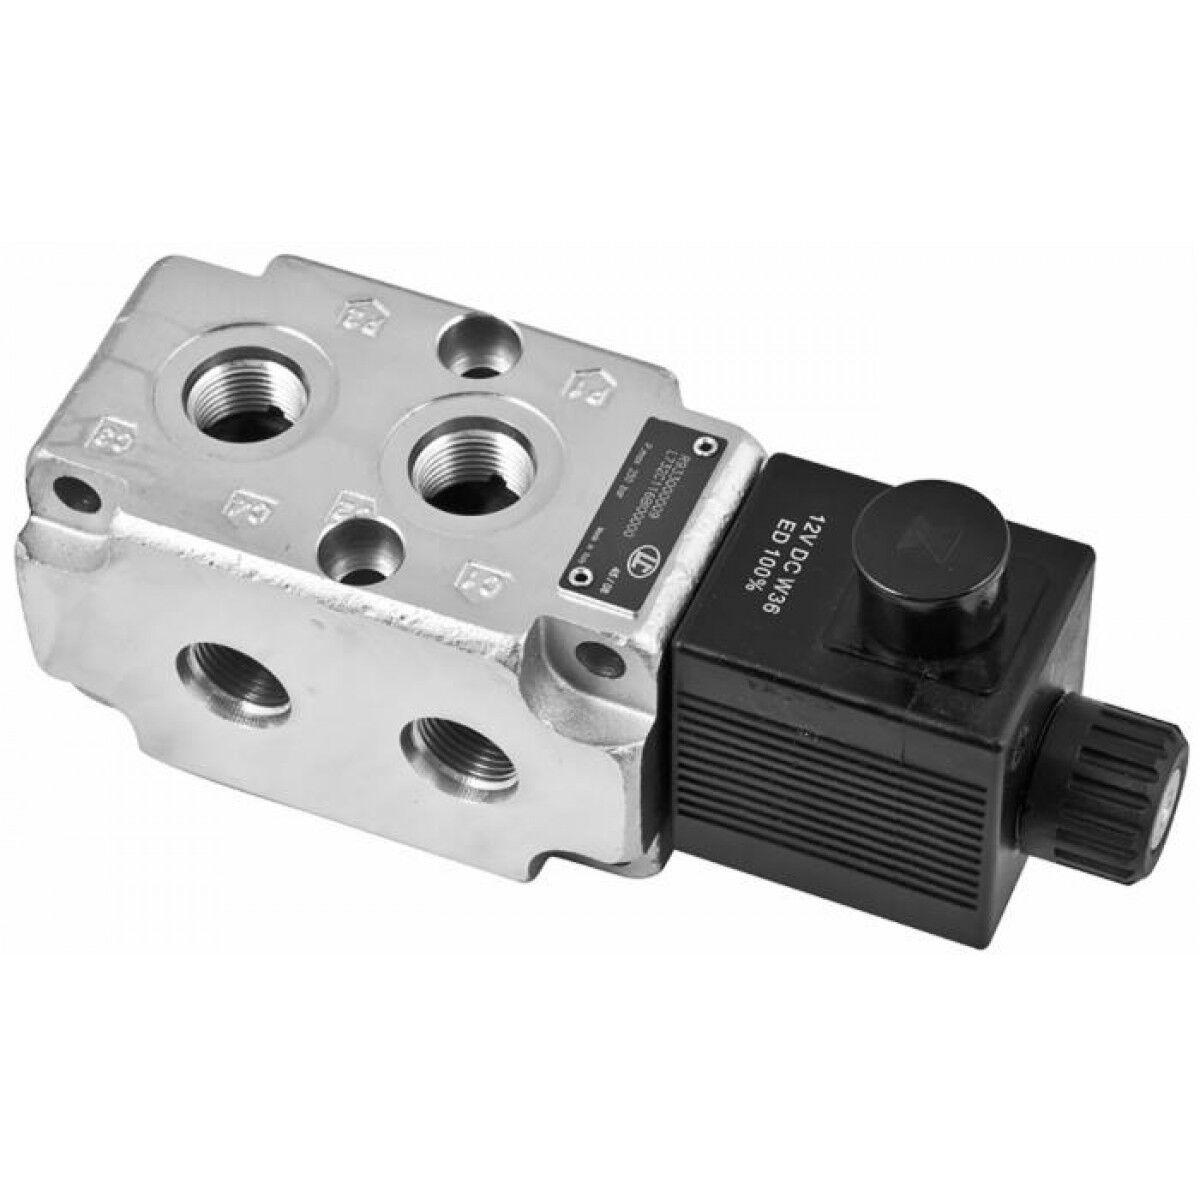 Deviatore elettrico modulare 3 8  a 6 vie, pressione massima 310 bar  REXROTH BO